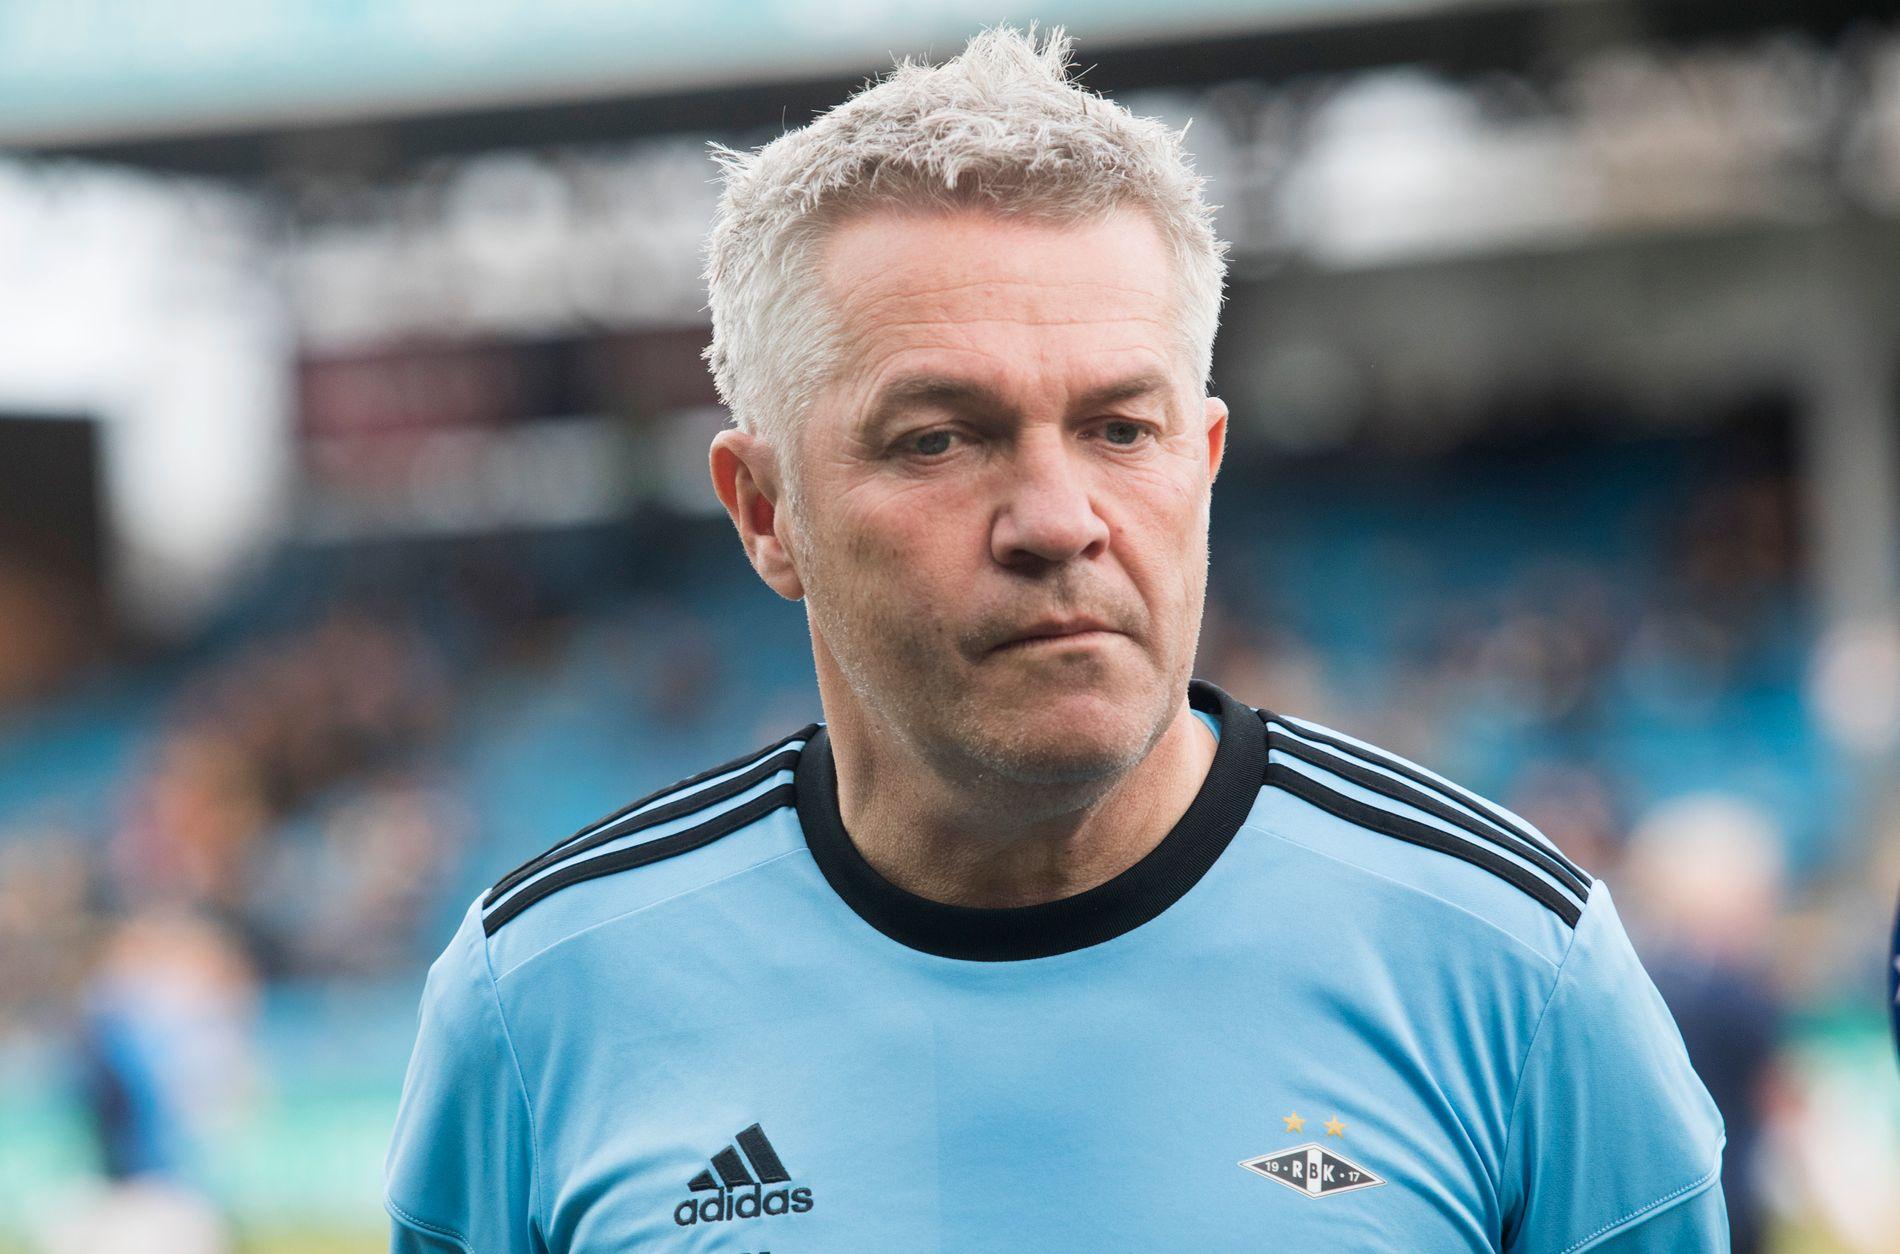 KOMMER STERKERE TILBAKE: Kåre Ingebrigtsen er ikke i tvil. Nicklas Bendtner er ikke typen som legger seg ned fordi drømmen om VM med Danmark ble knust.